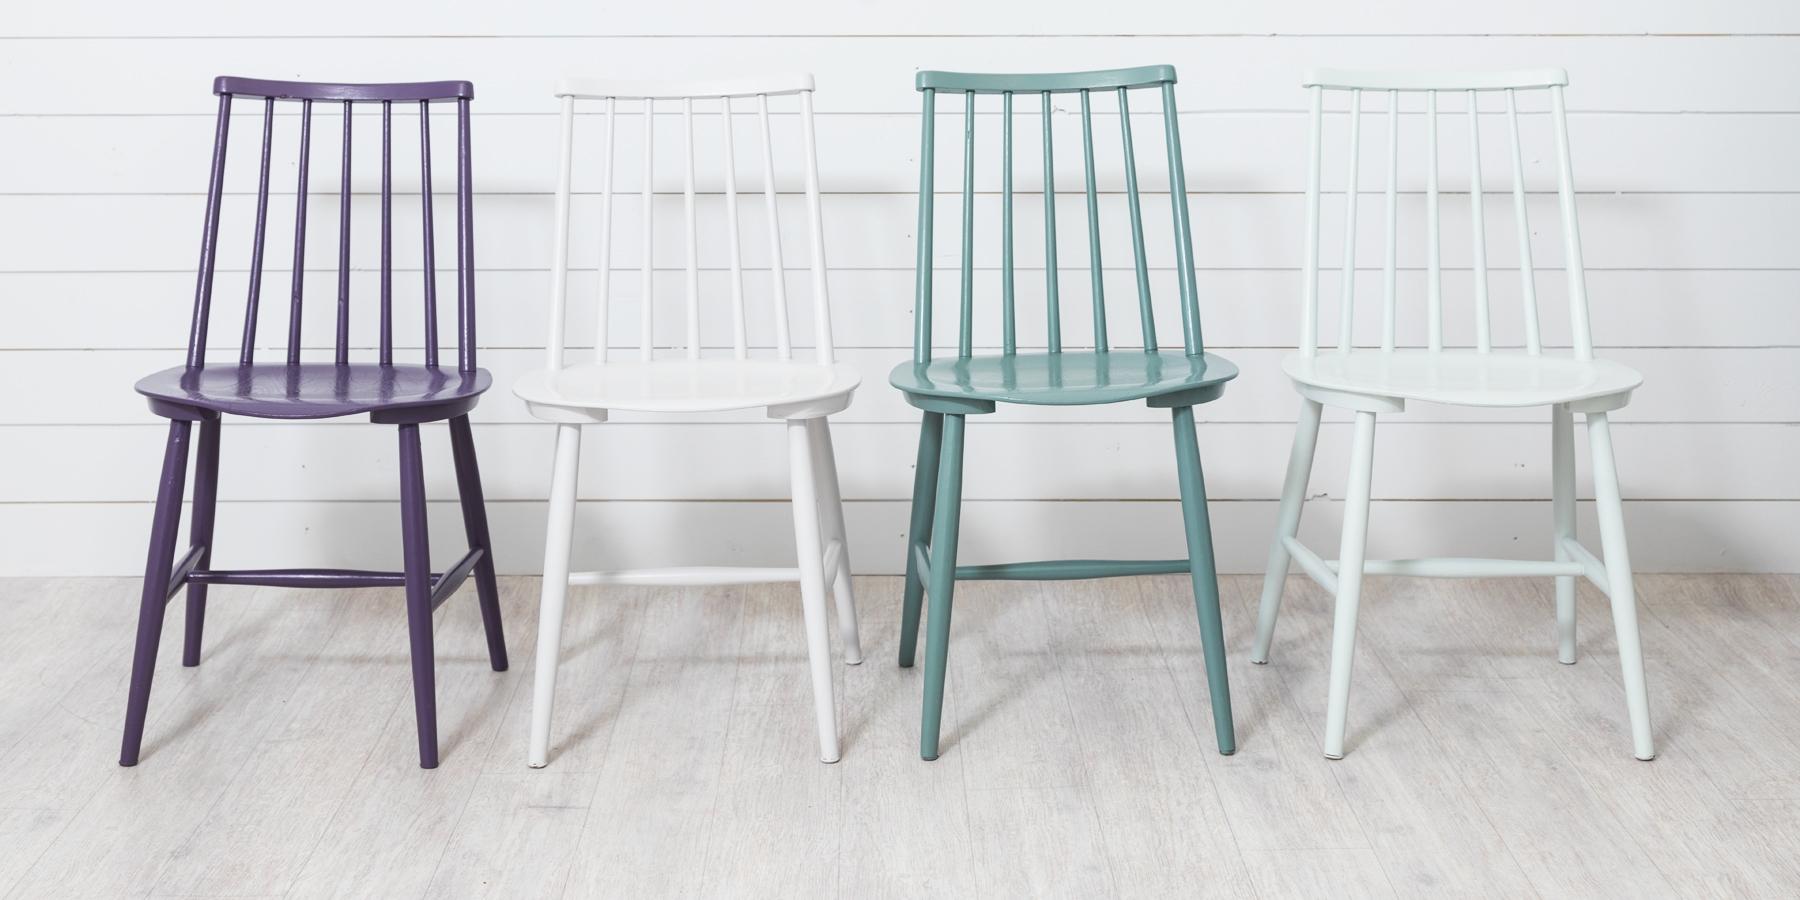 Måla möbler och snickerier på bästa sätt - Caparol Färg 2eb942eb9e7d0